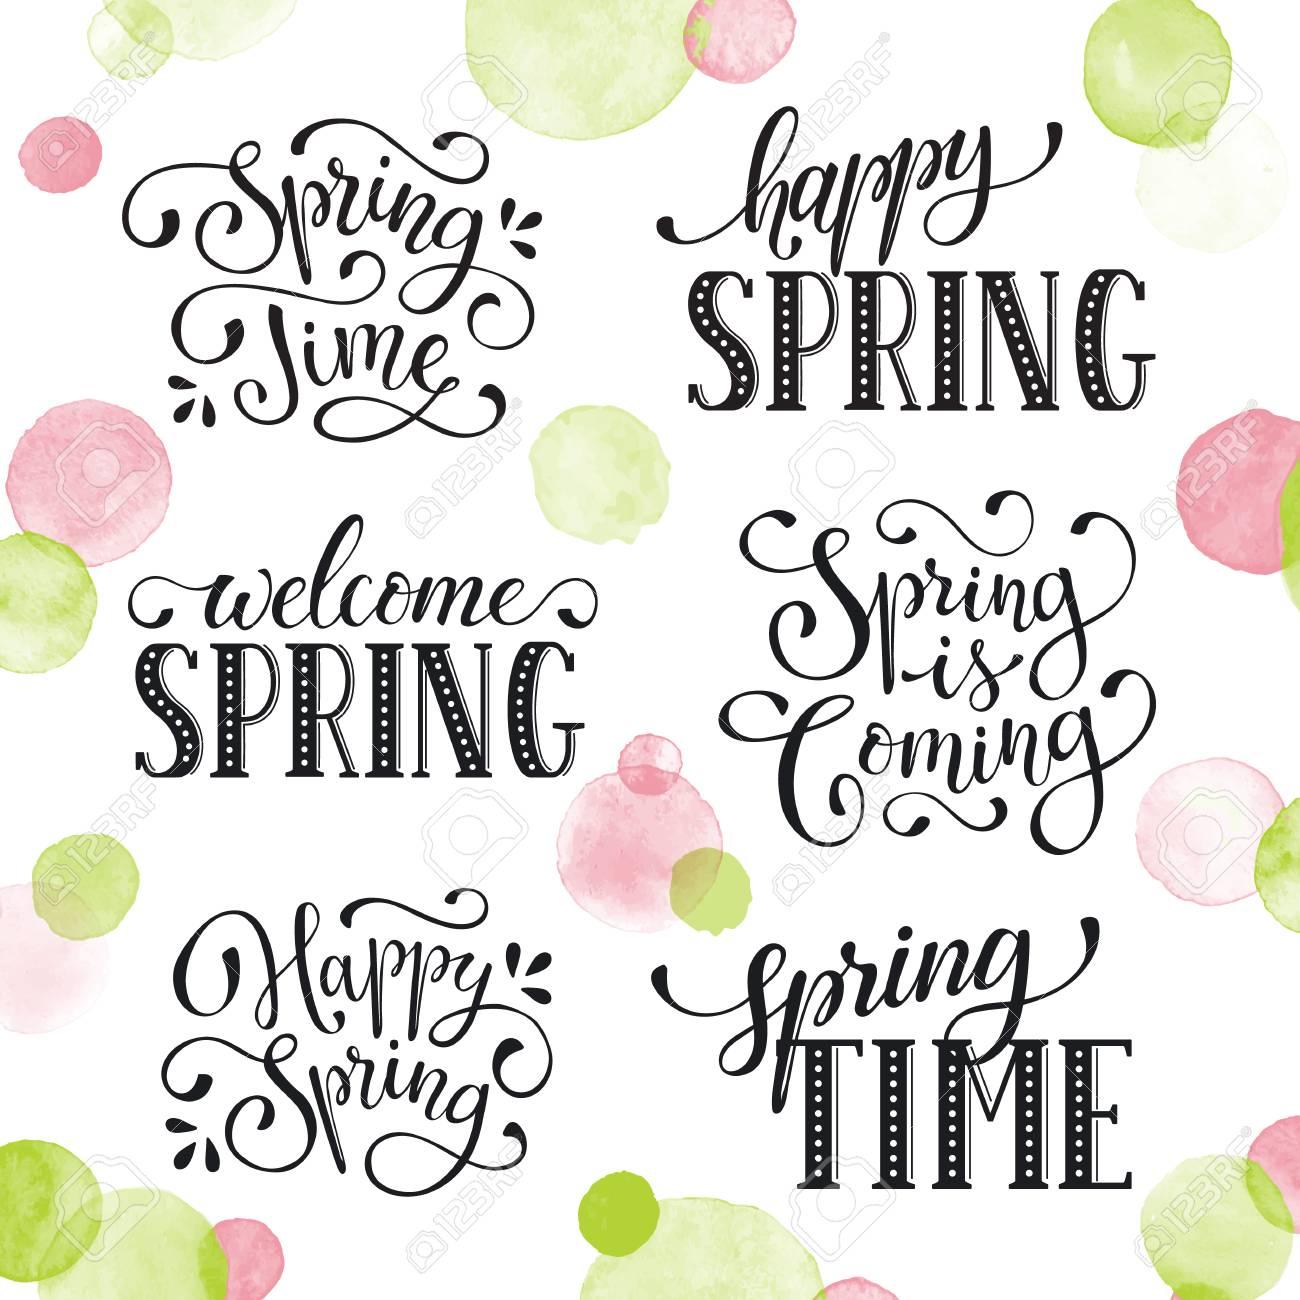 Frases Mantidas à Hora De Primavera Com Pássaros Modelos De Texto Do Cartão De Felicidade Isolados No Fundo Branco Bem Vindo Spring Lettering Em